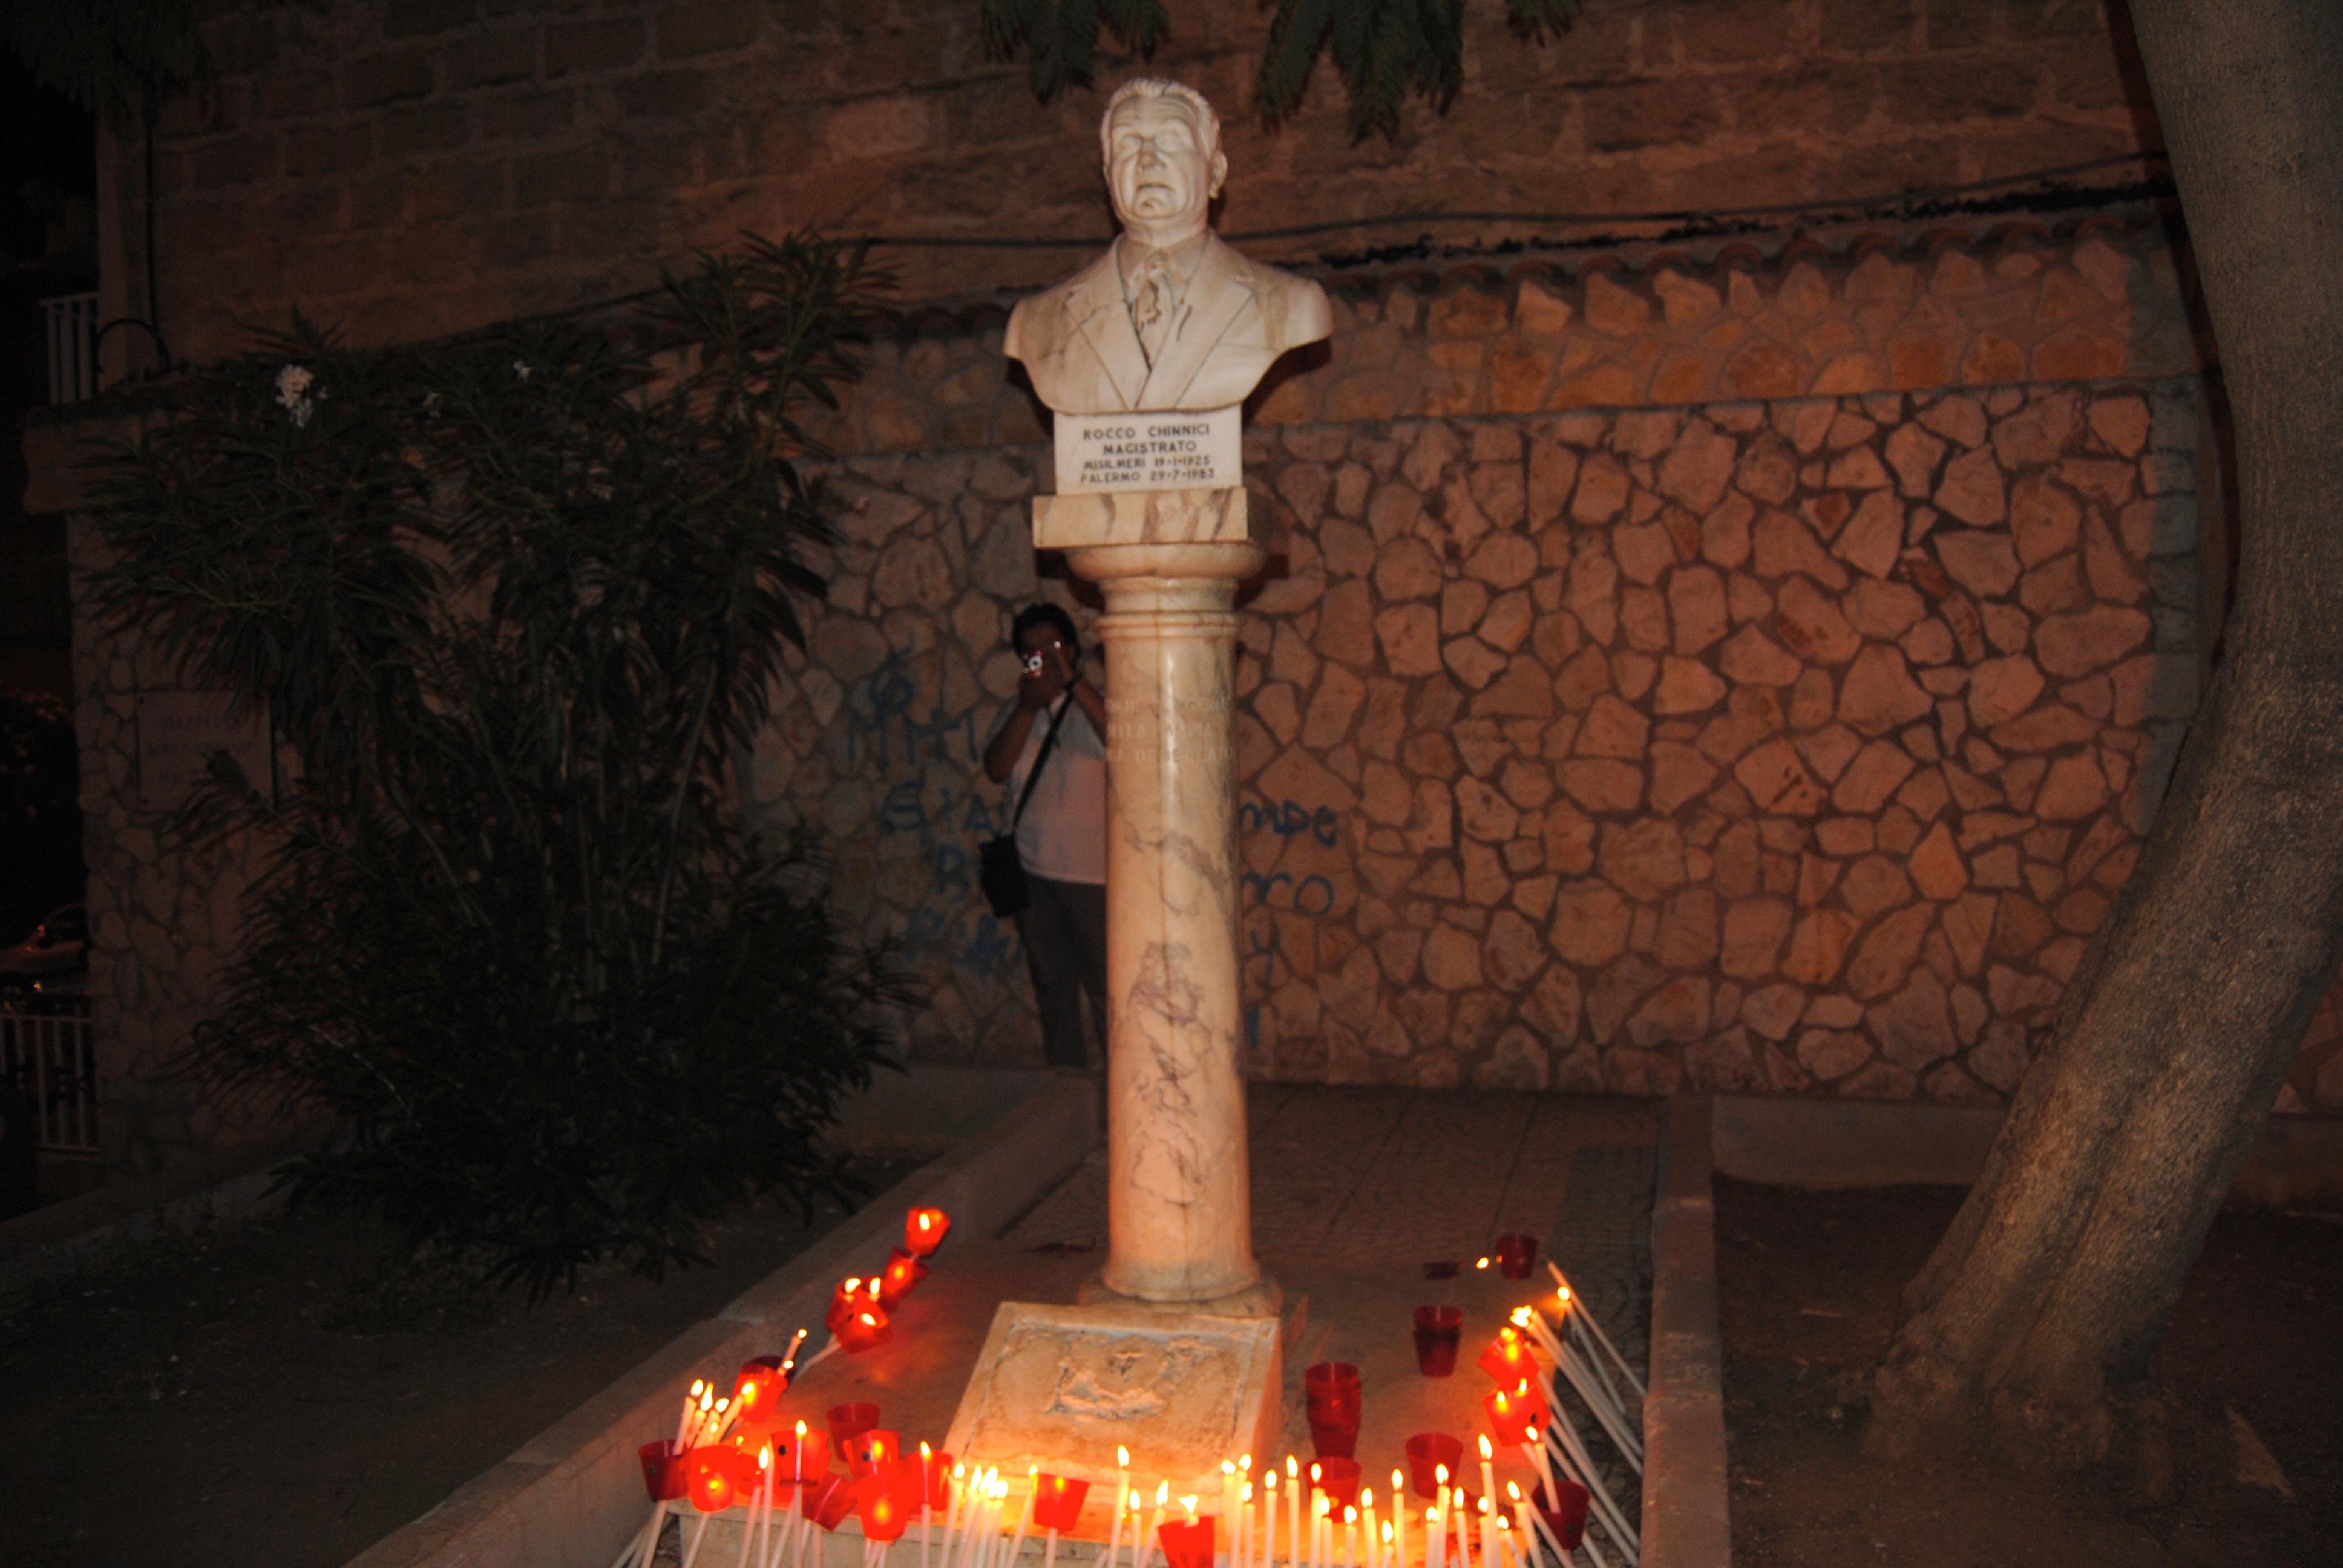 29 Luglio: 31 anni fa il sacrificio di Rocco Chinnici, Misilmeri non dimentica